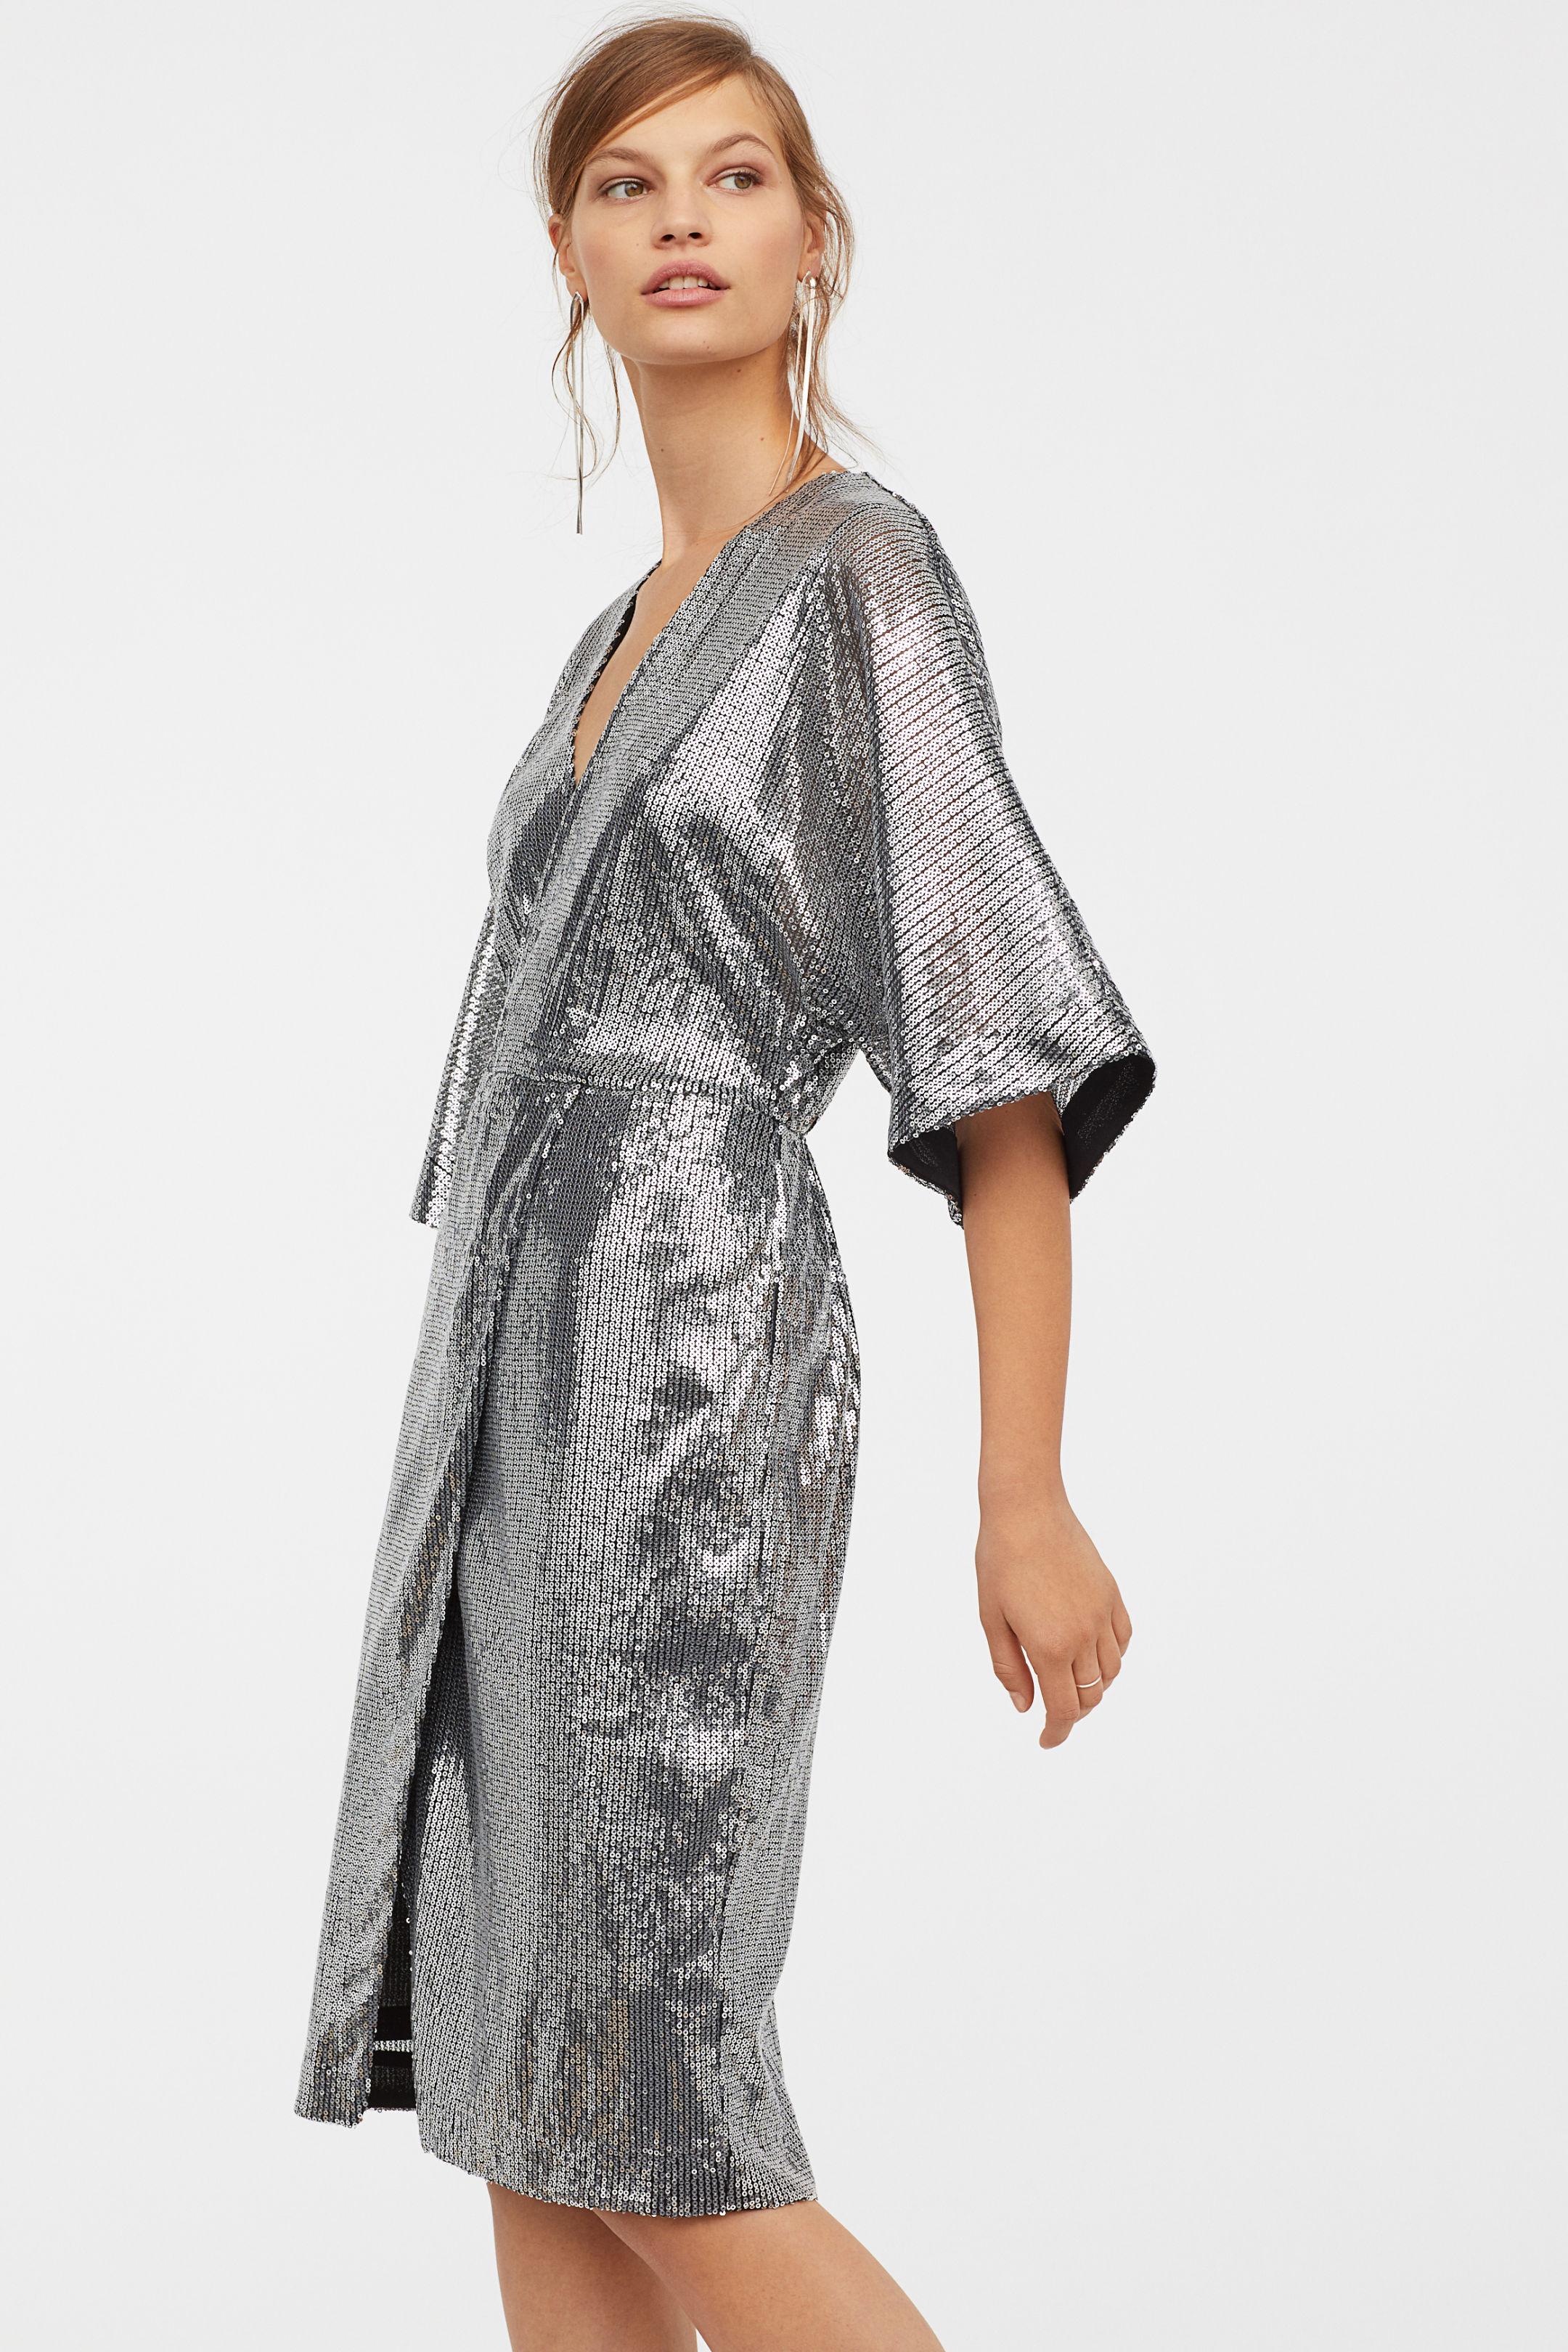 Abito glitter argento H&M a 79,99 euro